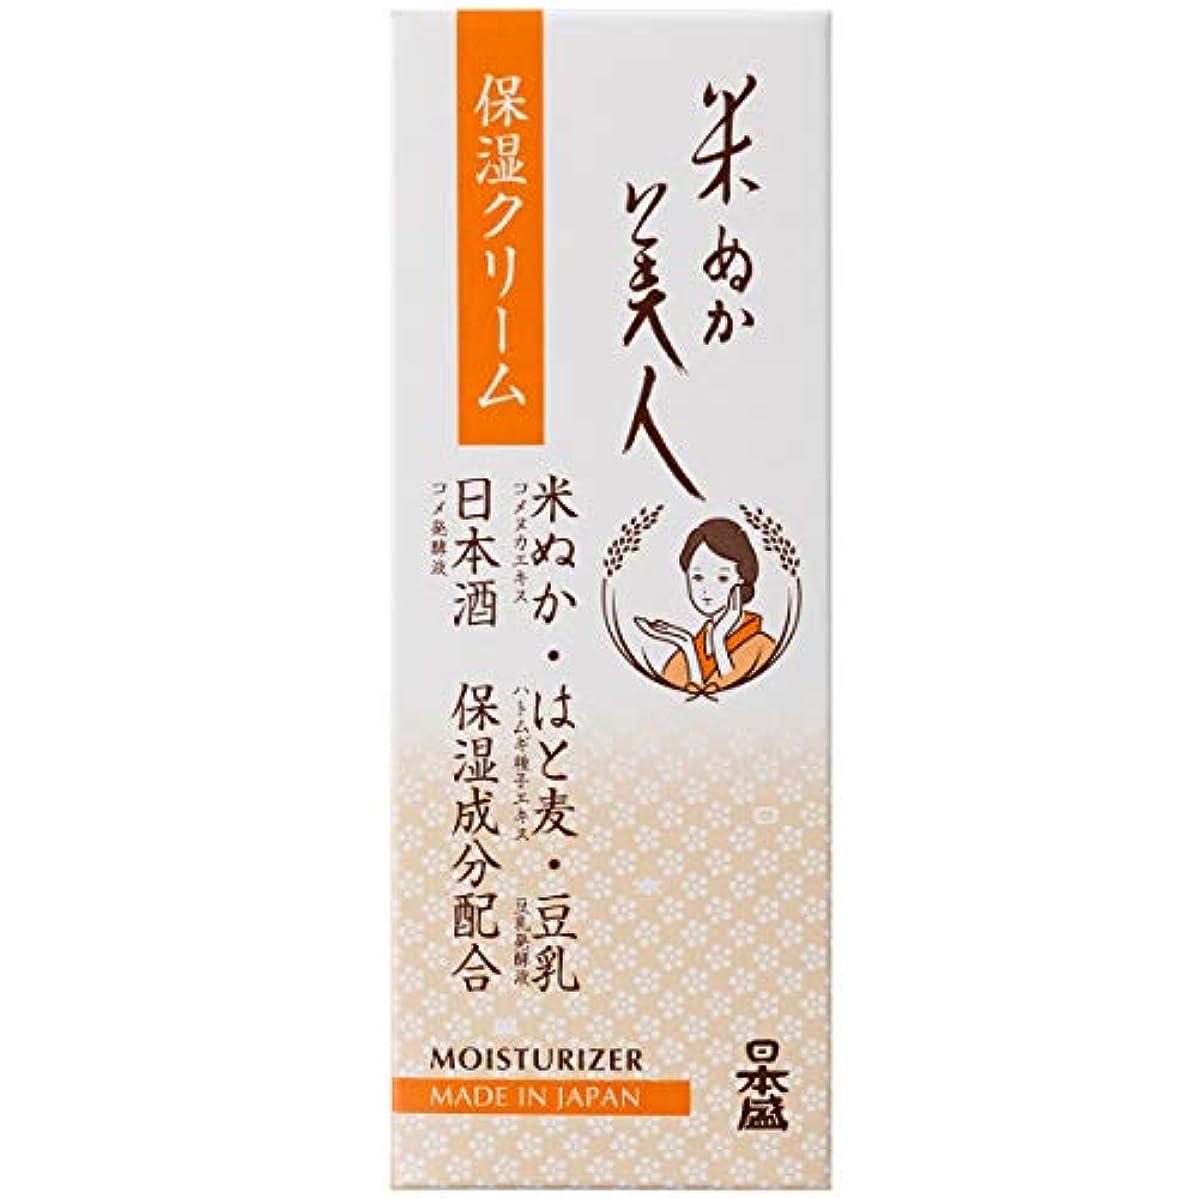 アーティファクトフルーティー化石日本盛 米ぬか美人 保湿クリーム 35g(無香料 無着色 弱酸性)